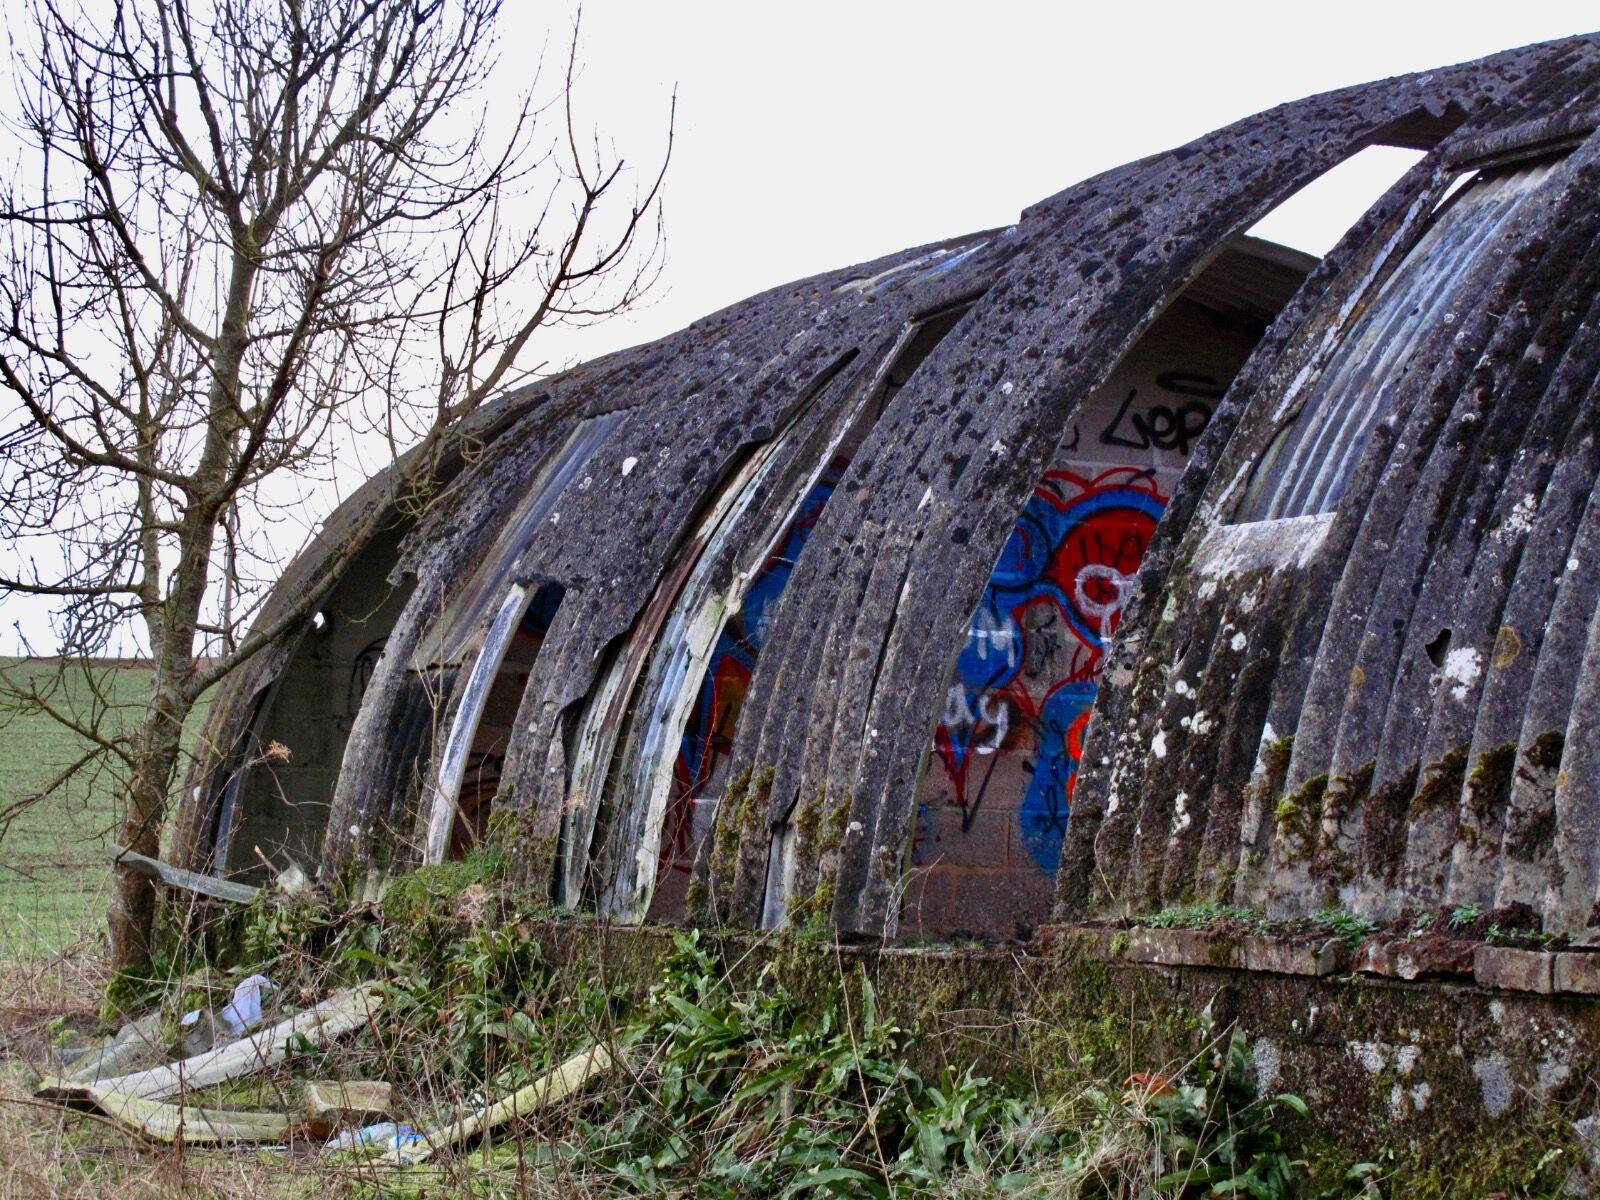 Cowshed Graffiti / 11